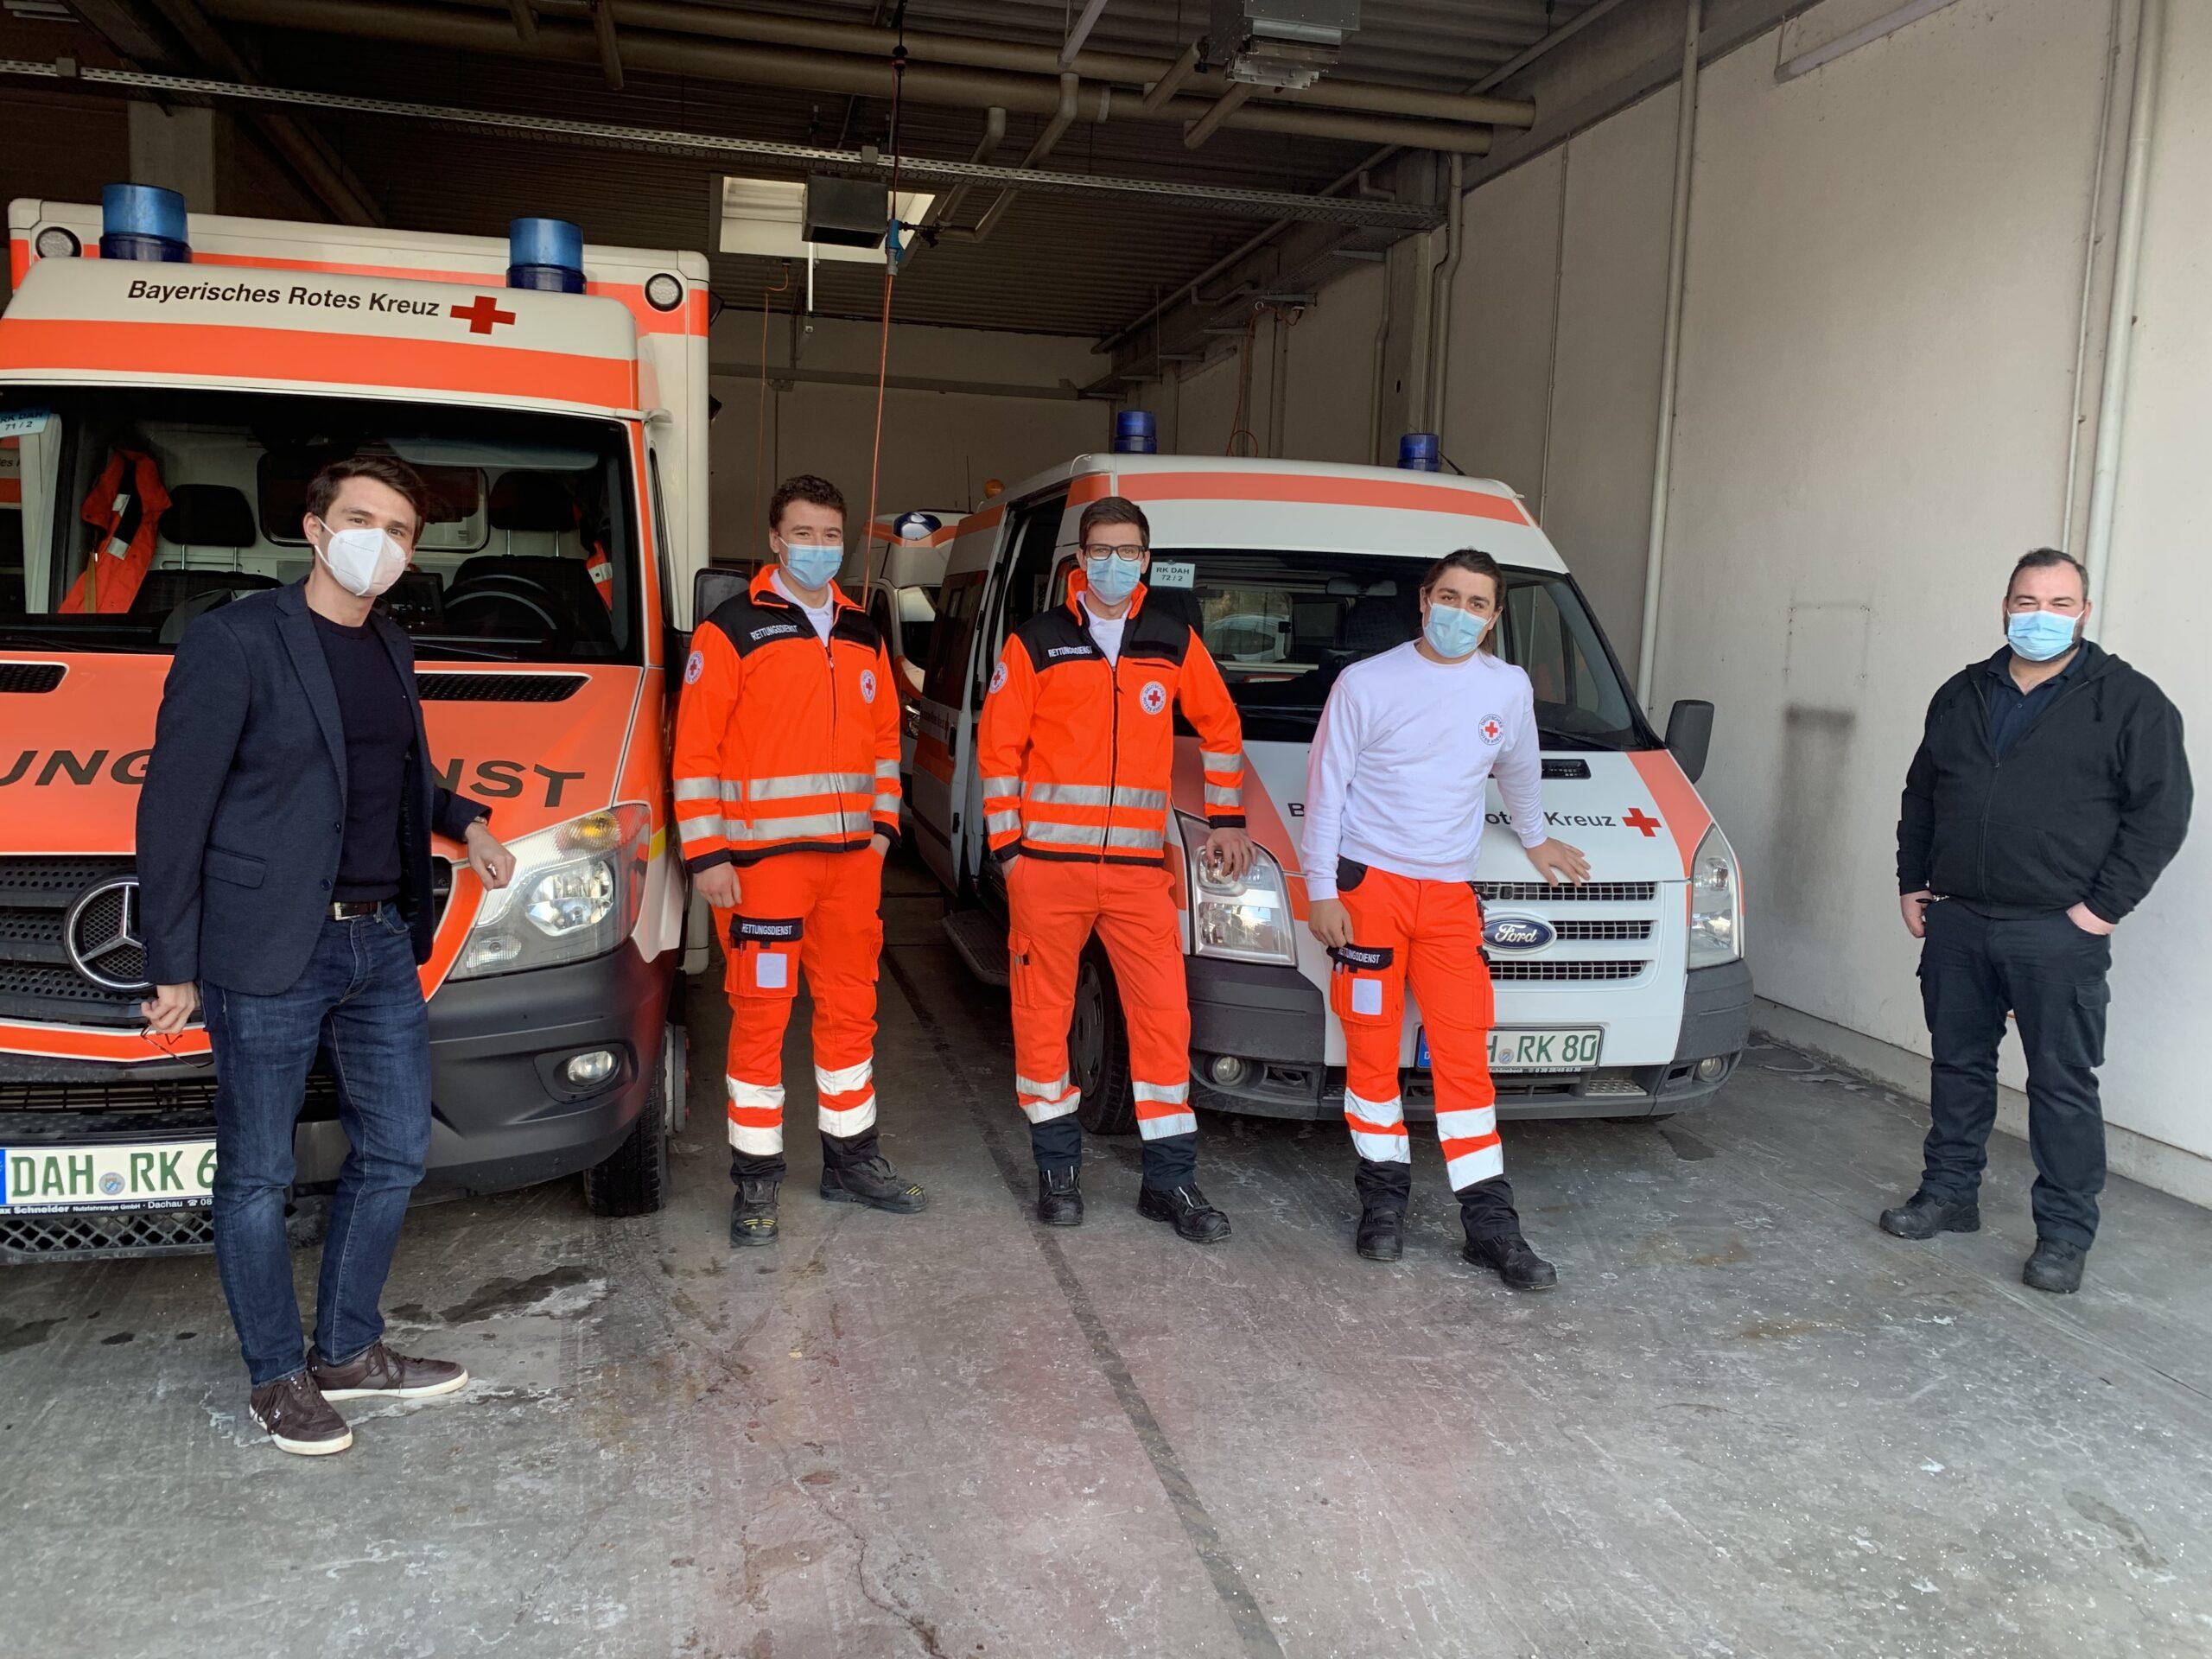 Foto: Dennis Behrendt (links) mit dem Team des KTW. Rechts: Wachleiter Martin Noß